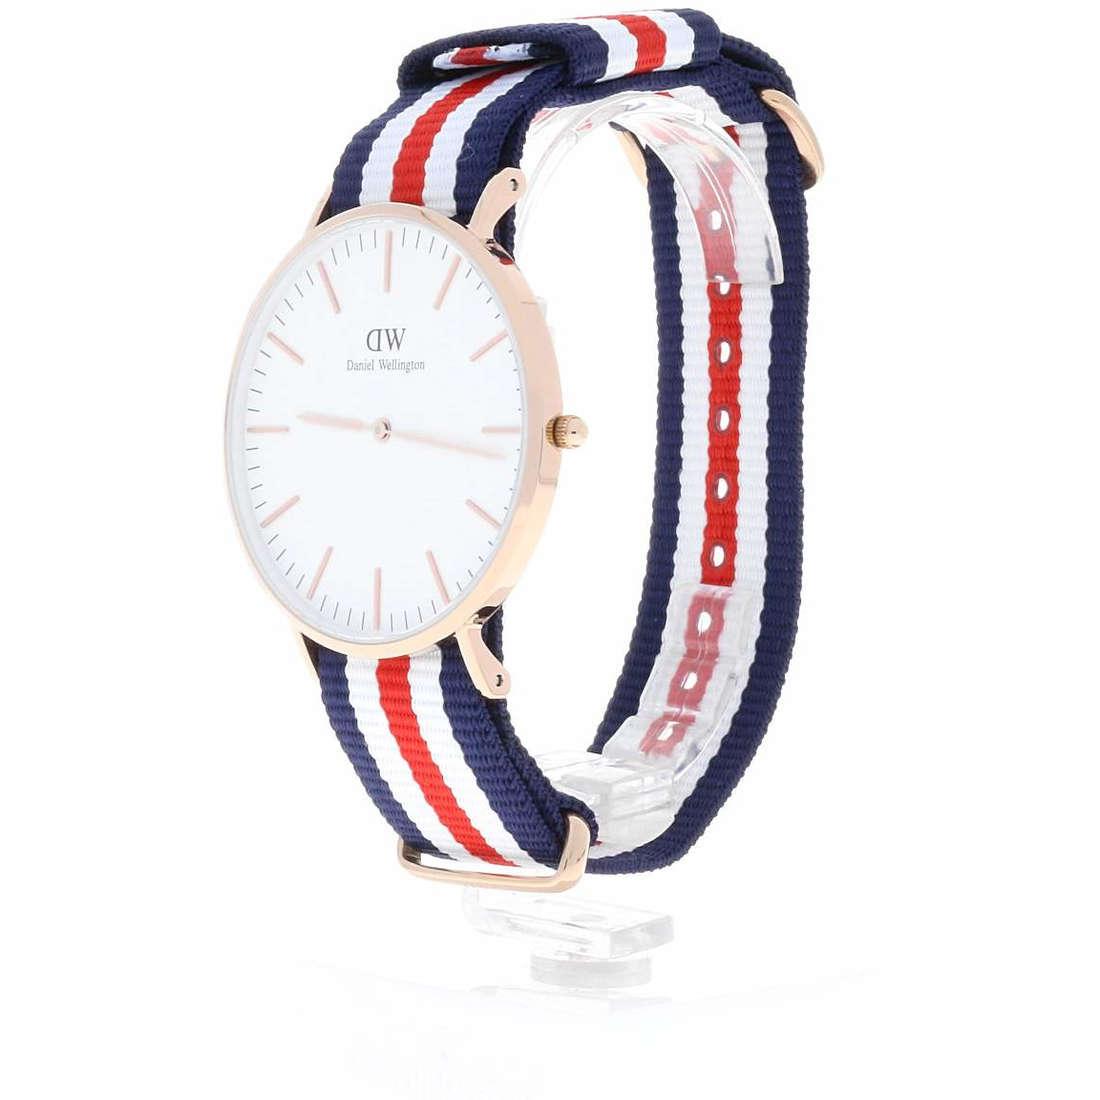 vente montres unisex Daniel Wellington DW00100002